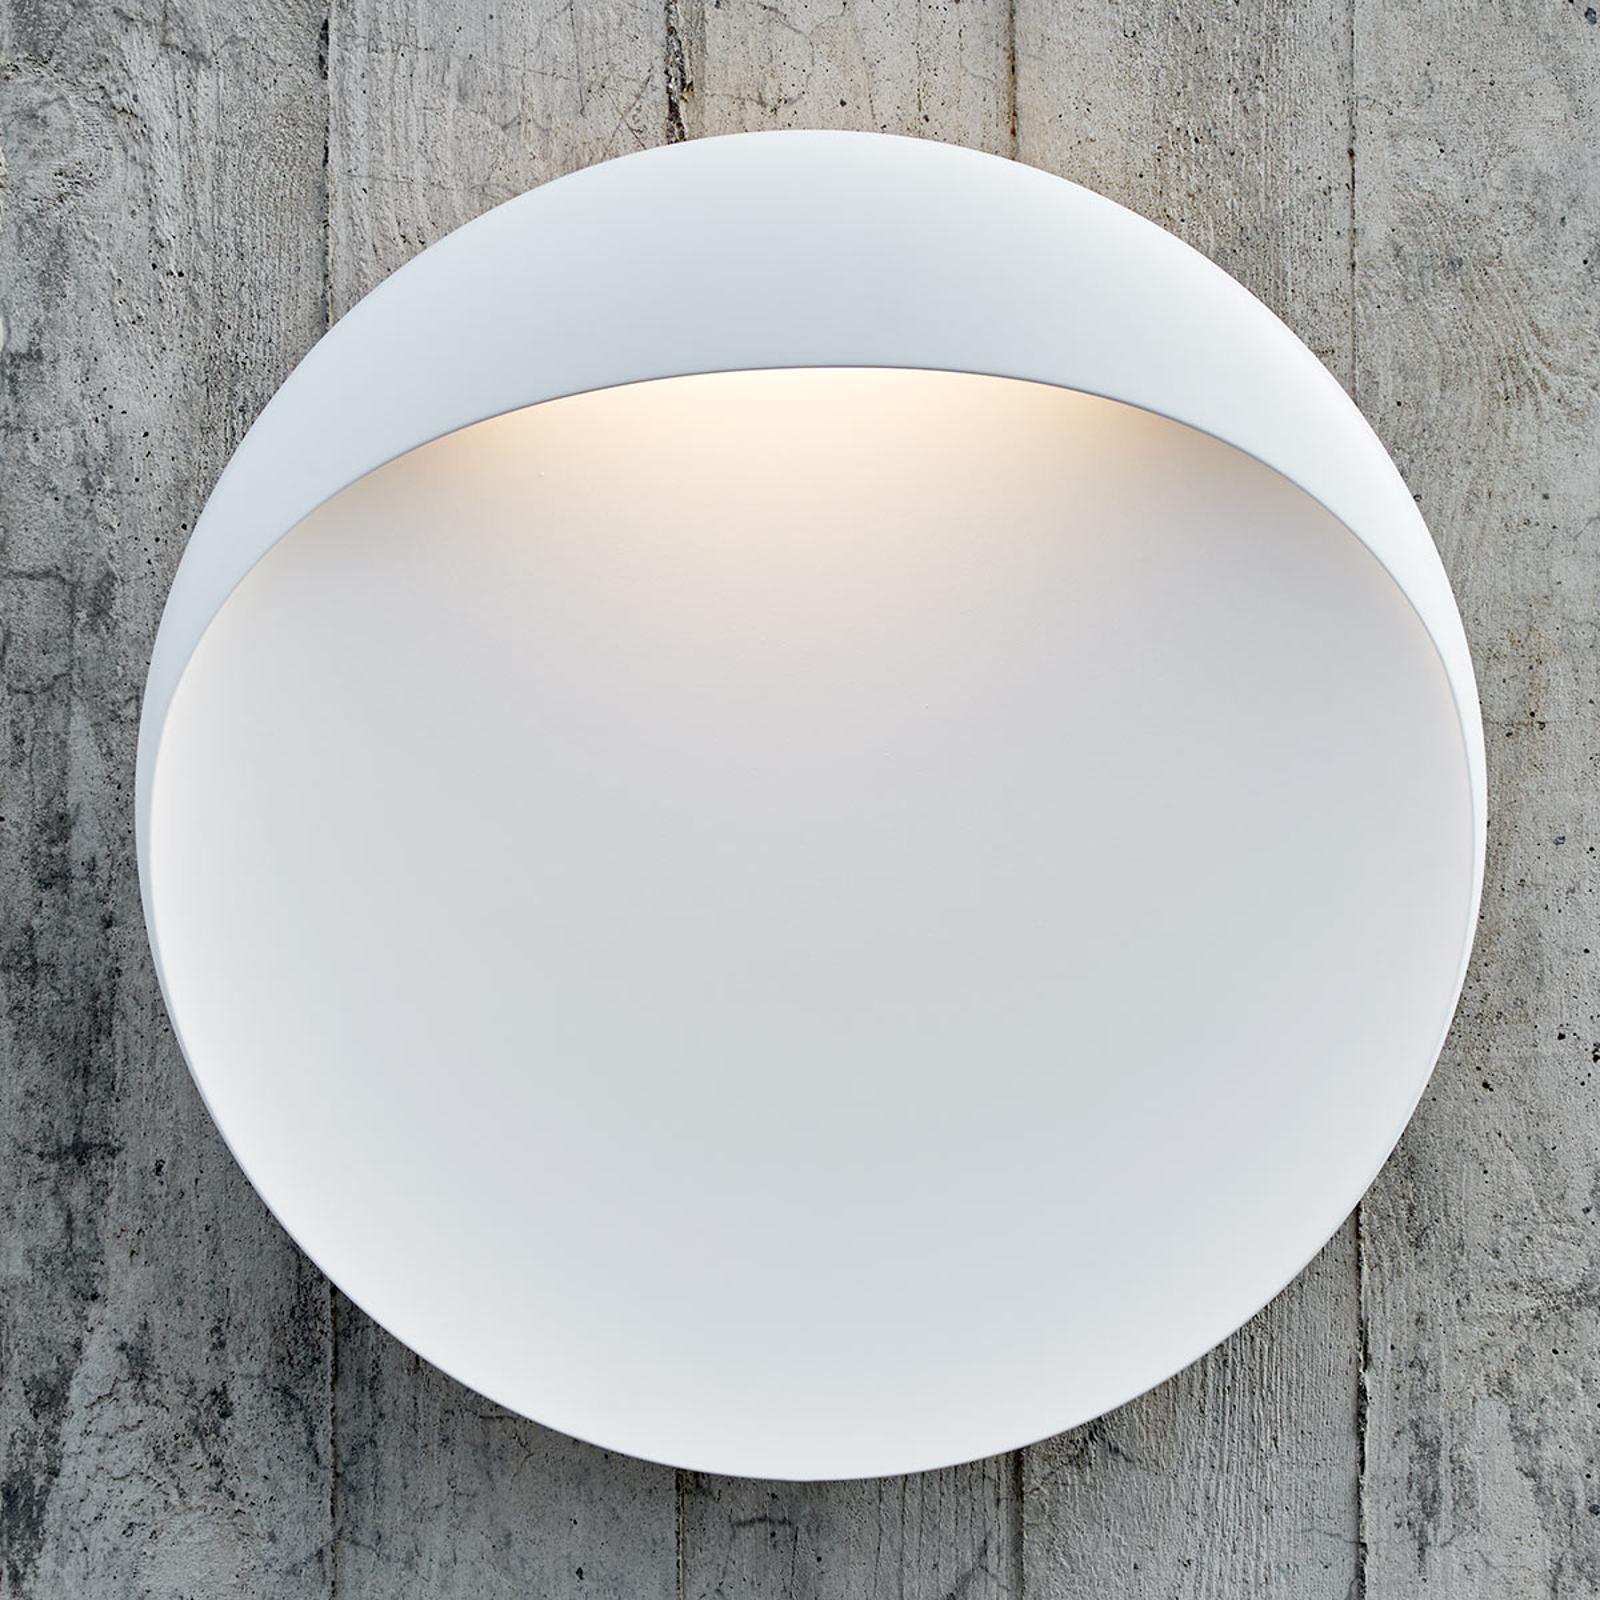 Louis Poulsen Flindt wandlamp Ø 30 cm wit 3.000K